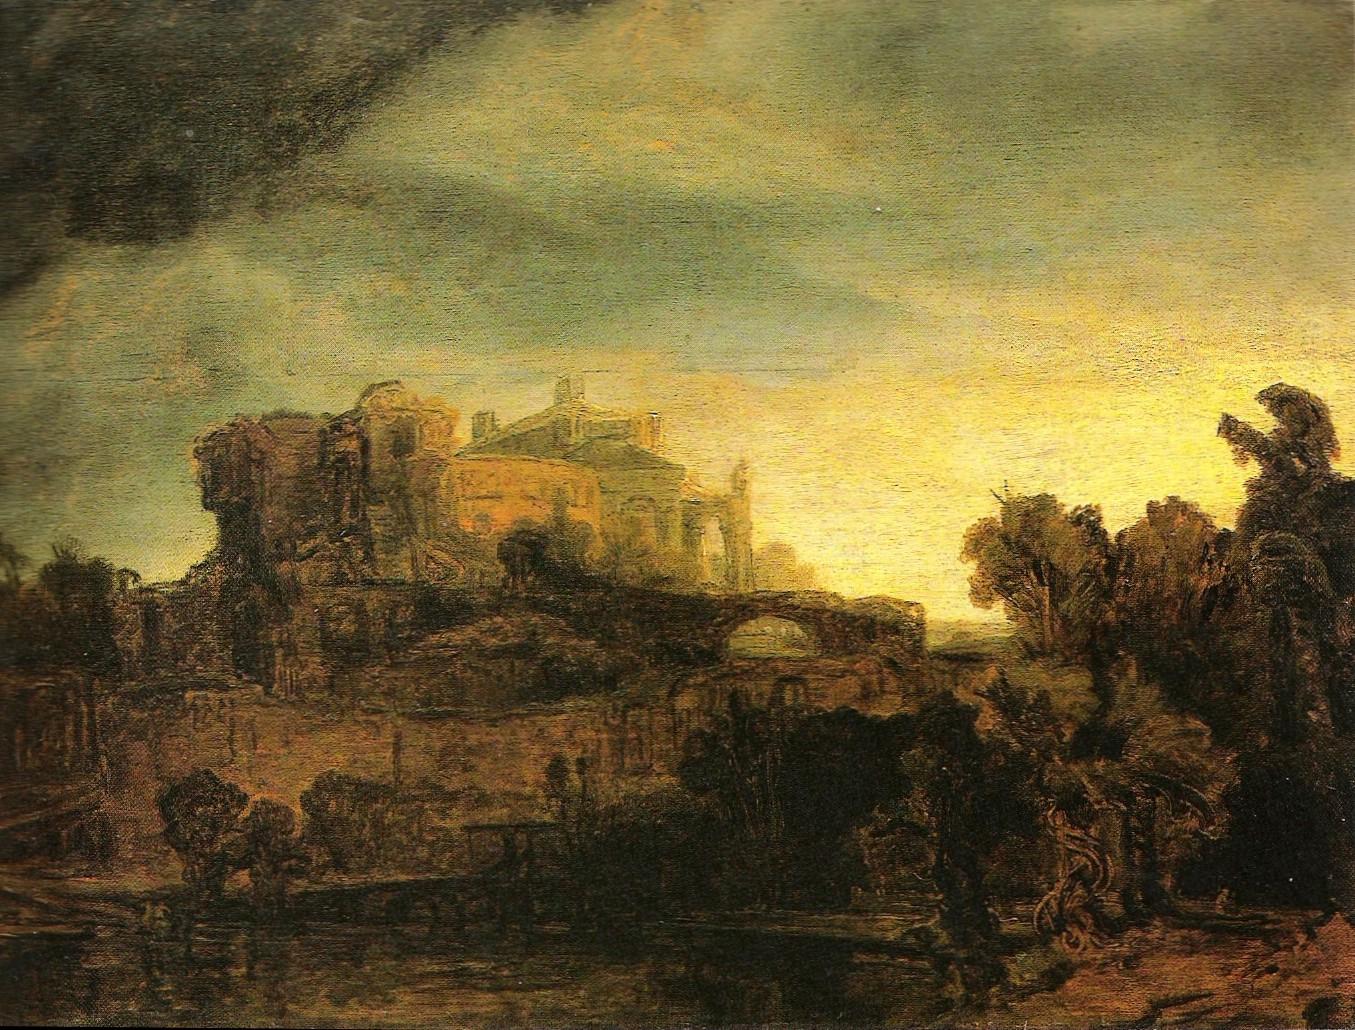 Landschaftsmalerei renaissance  Rembrandt van Rijn – Wikipedia